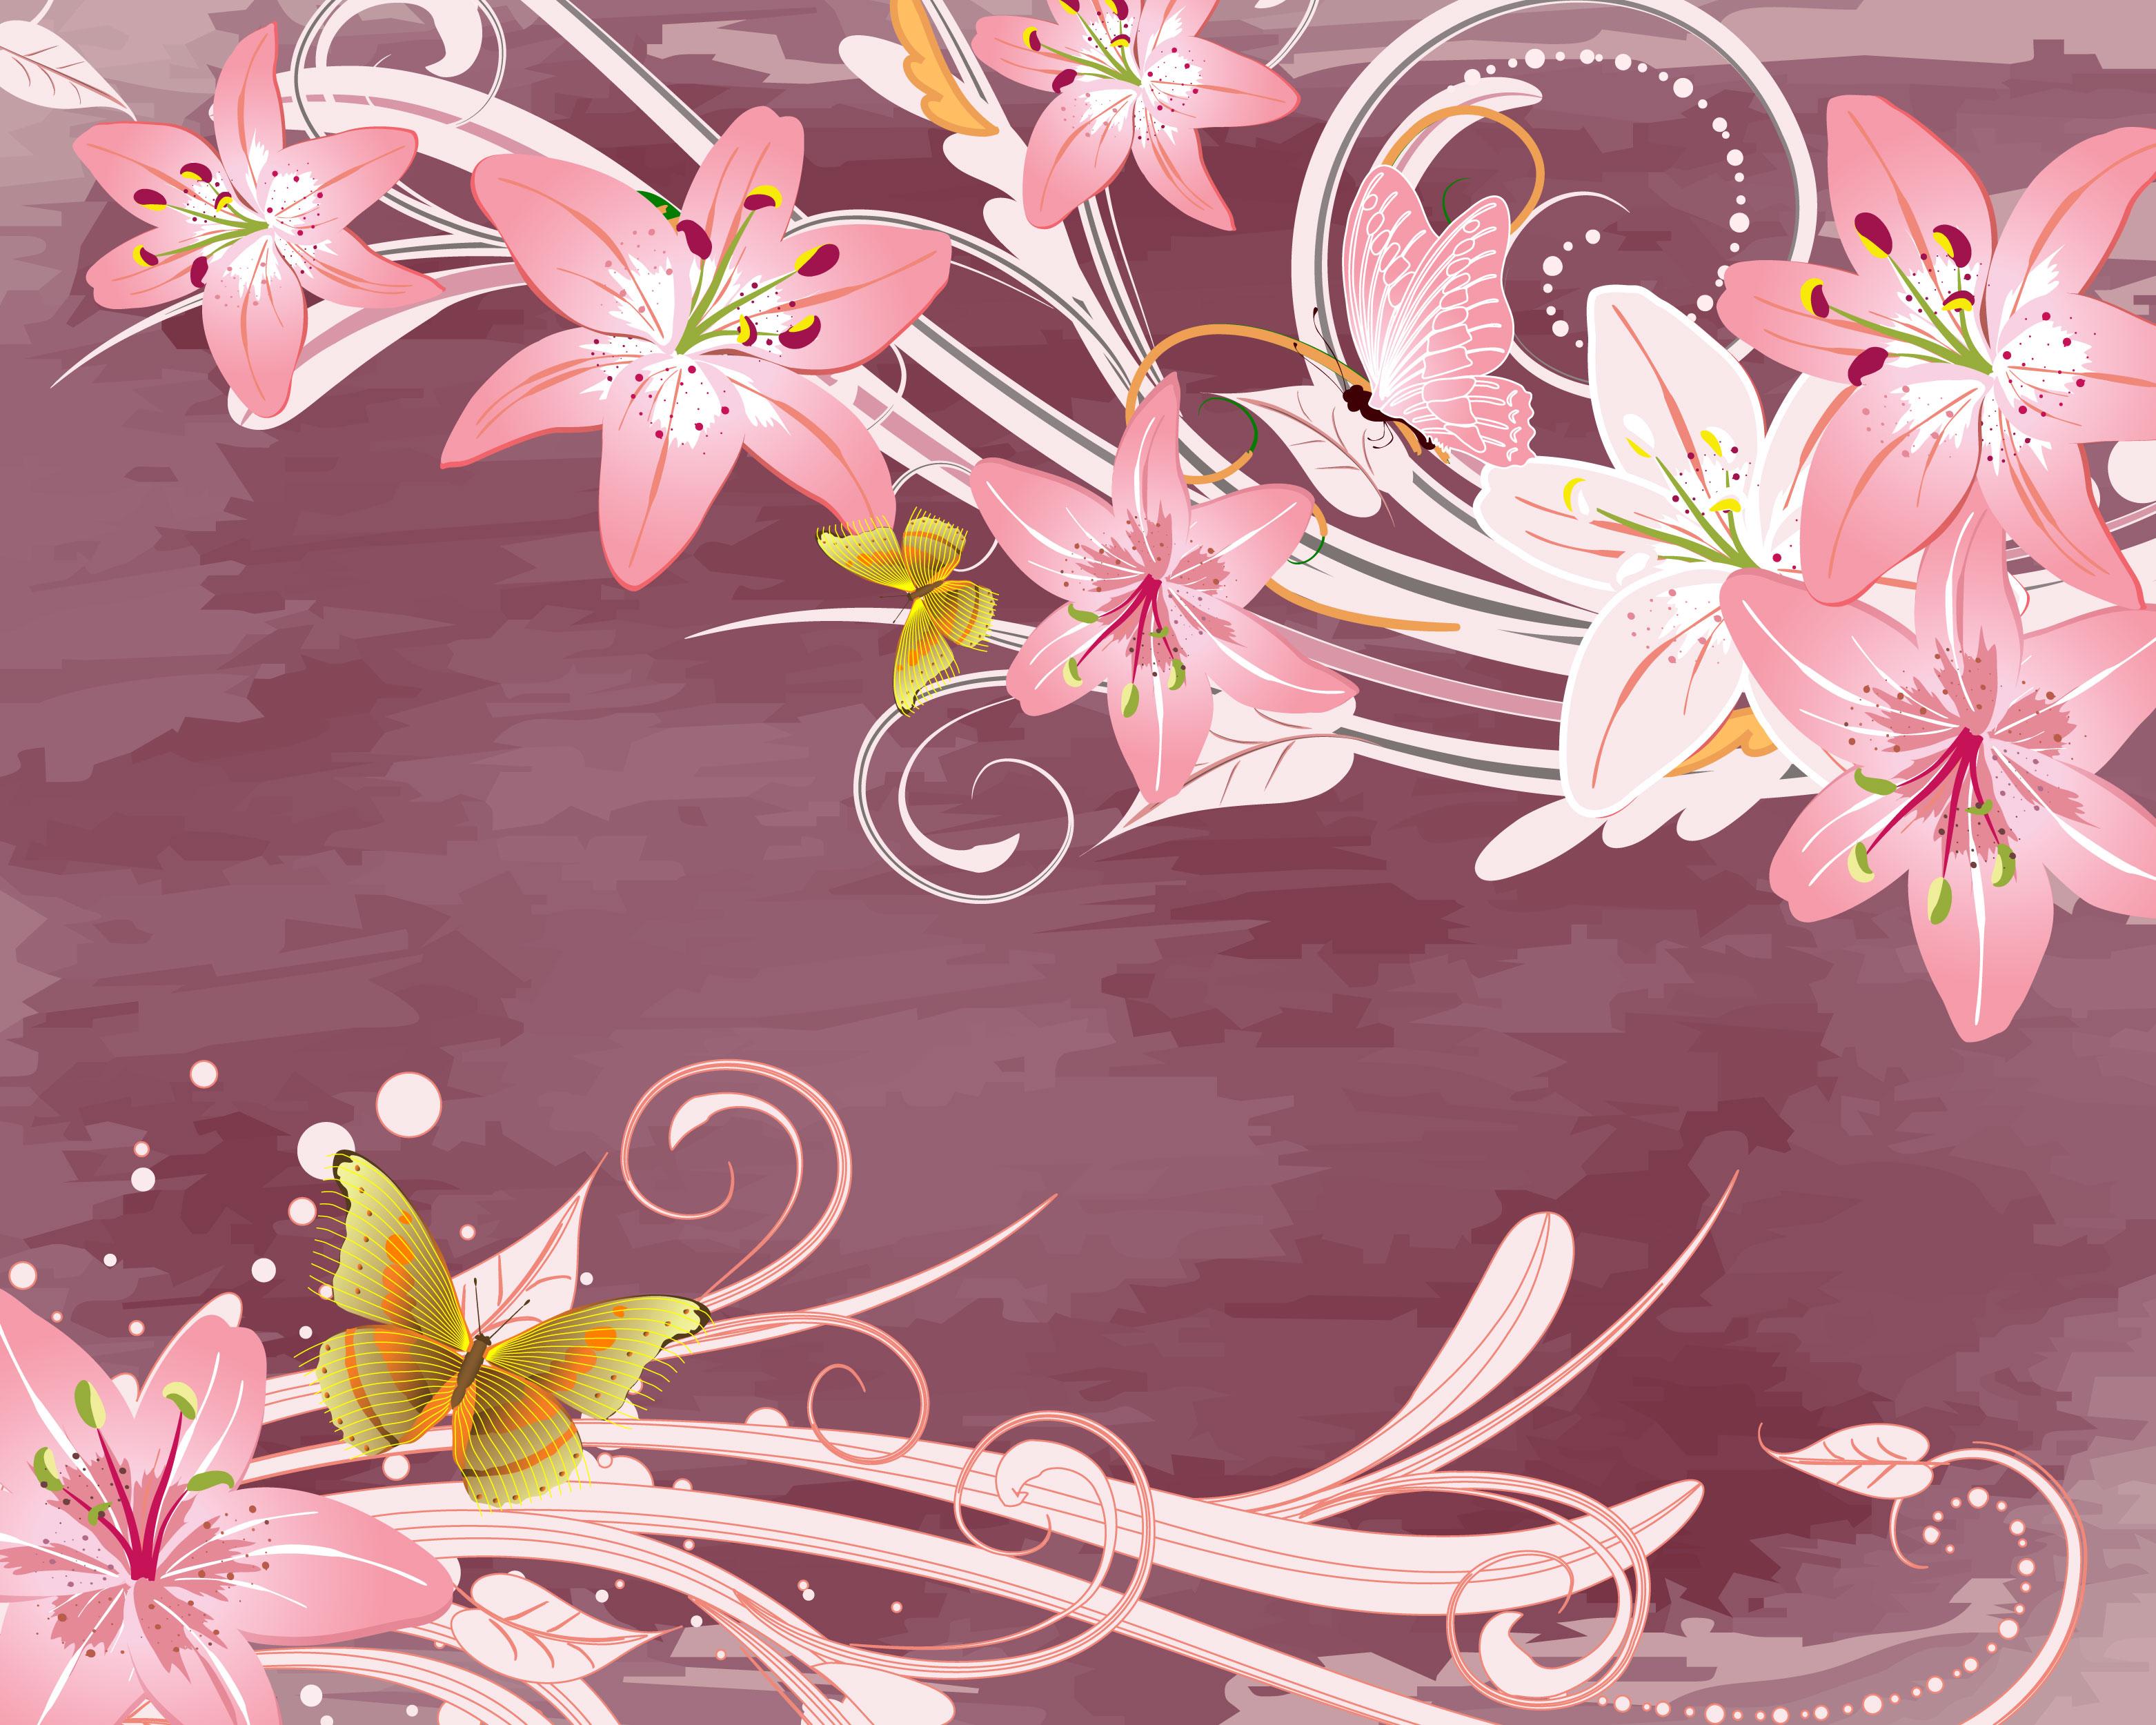 花のイラスト フリー素材 壁紙 背景no 716 ピンクのユリ 蝶 上下